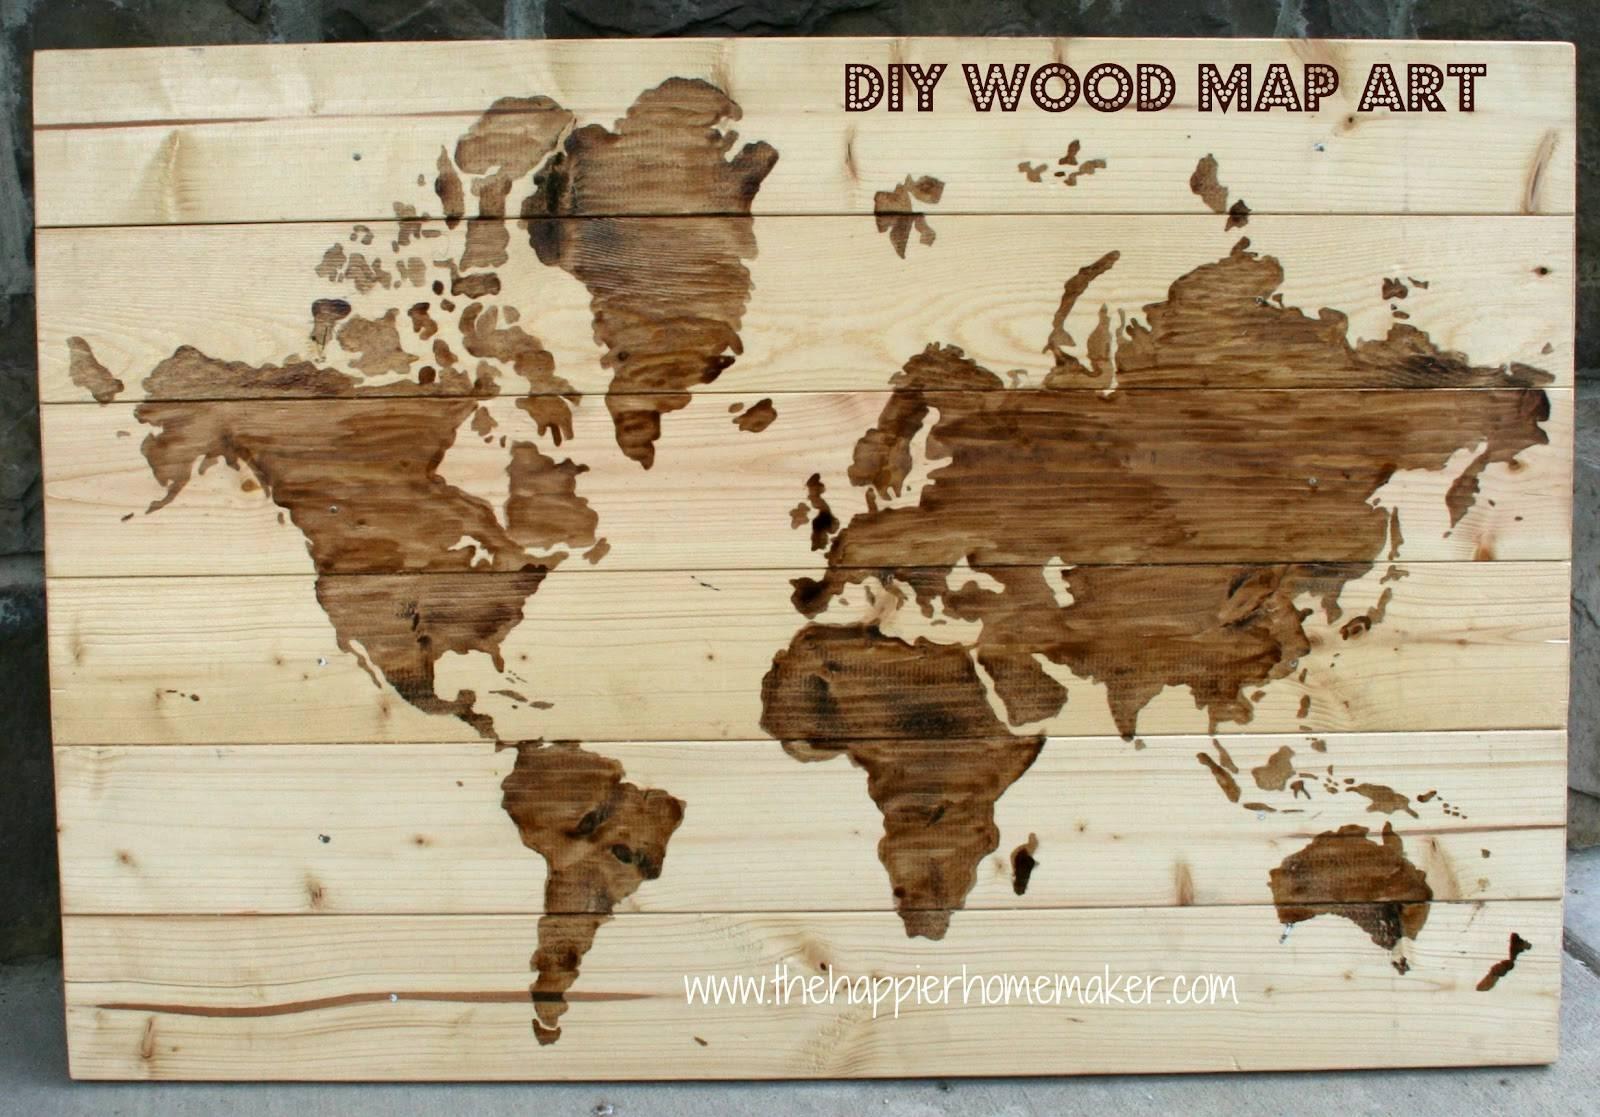 Diy Wooden World Map Art | The Happier Homemaker Regarding 2017 World Map Wood Wall Art (View 6 of 20)